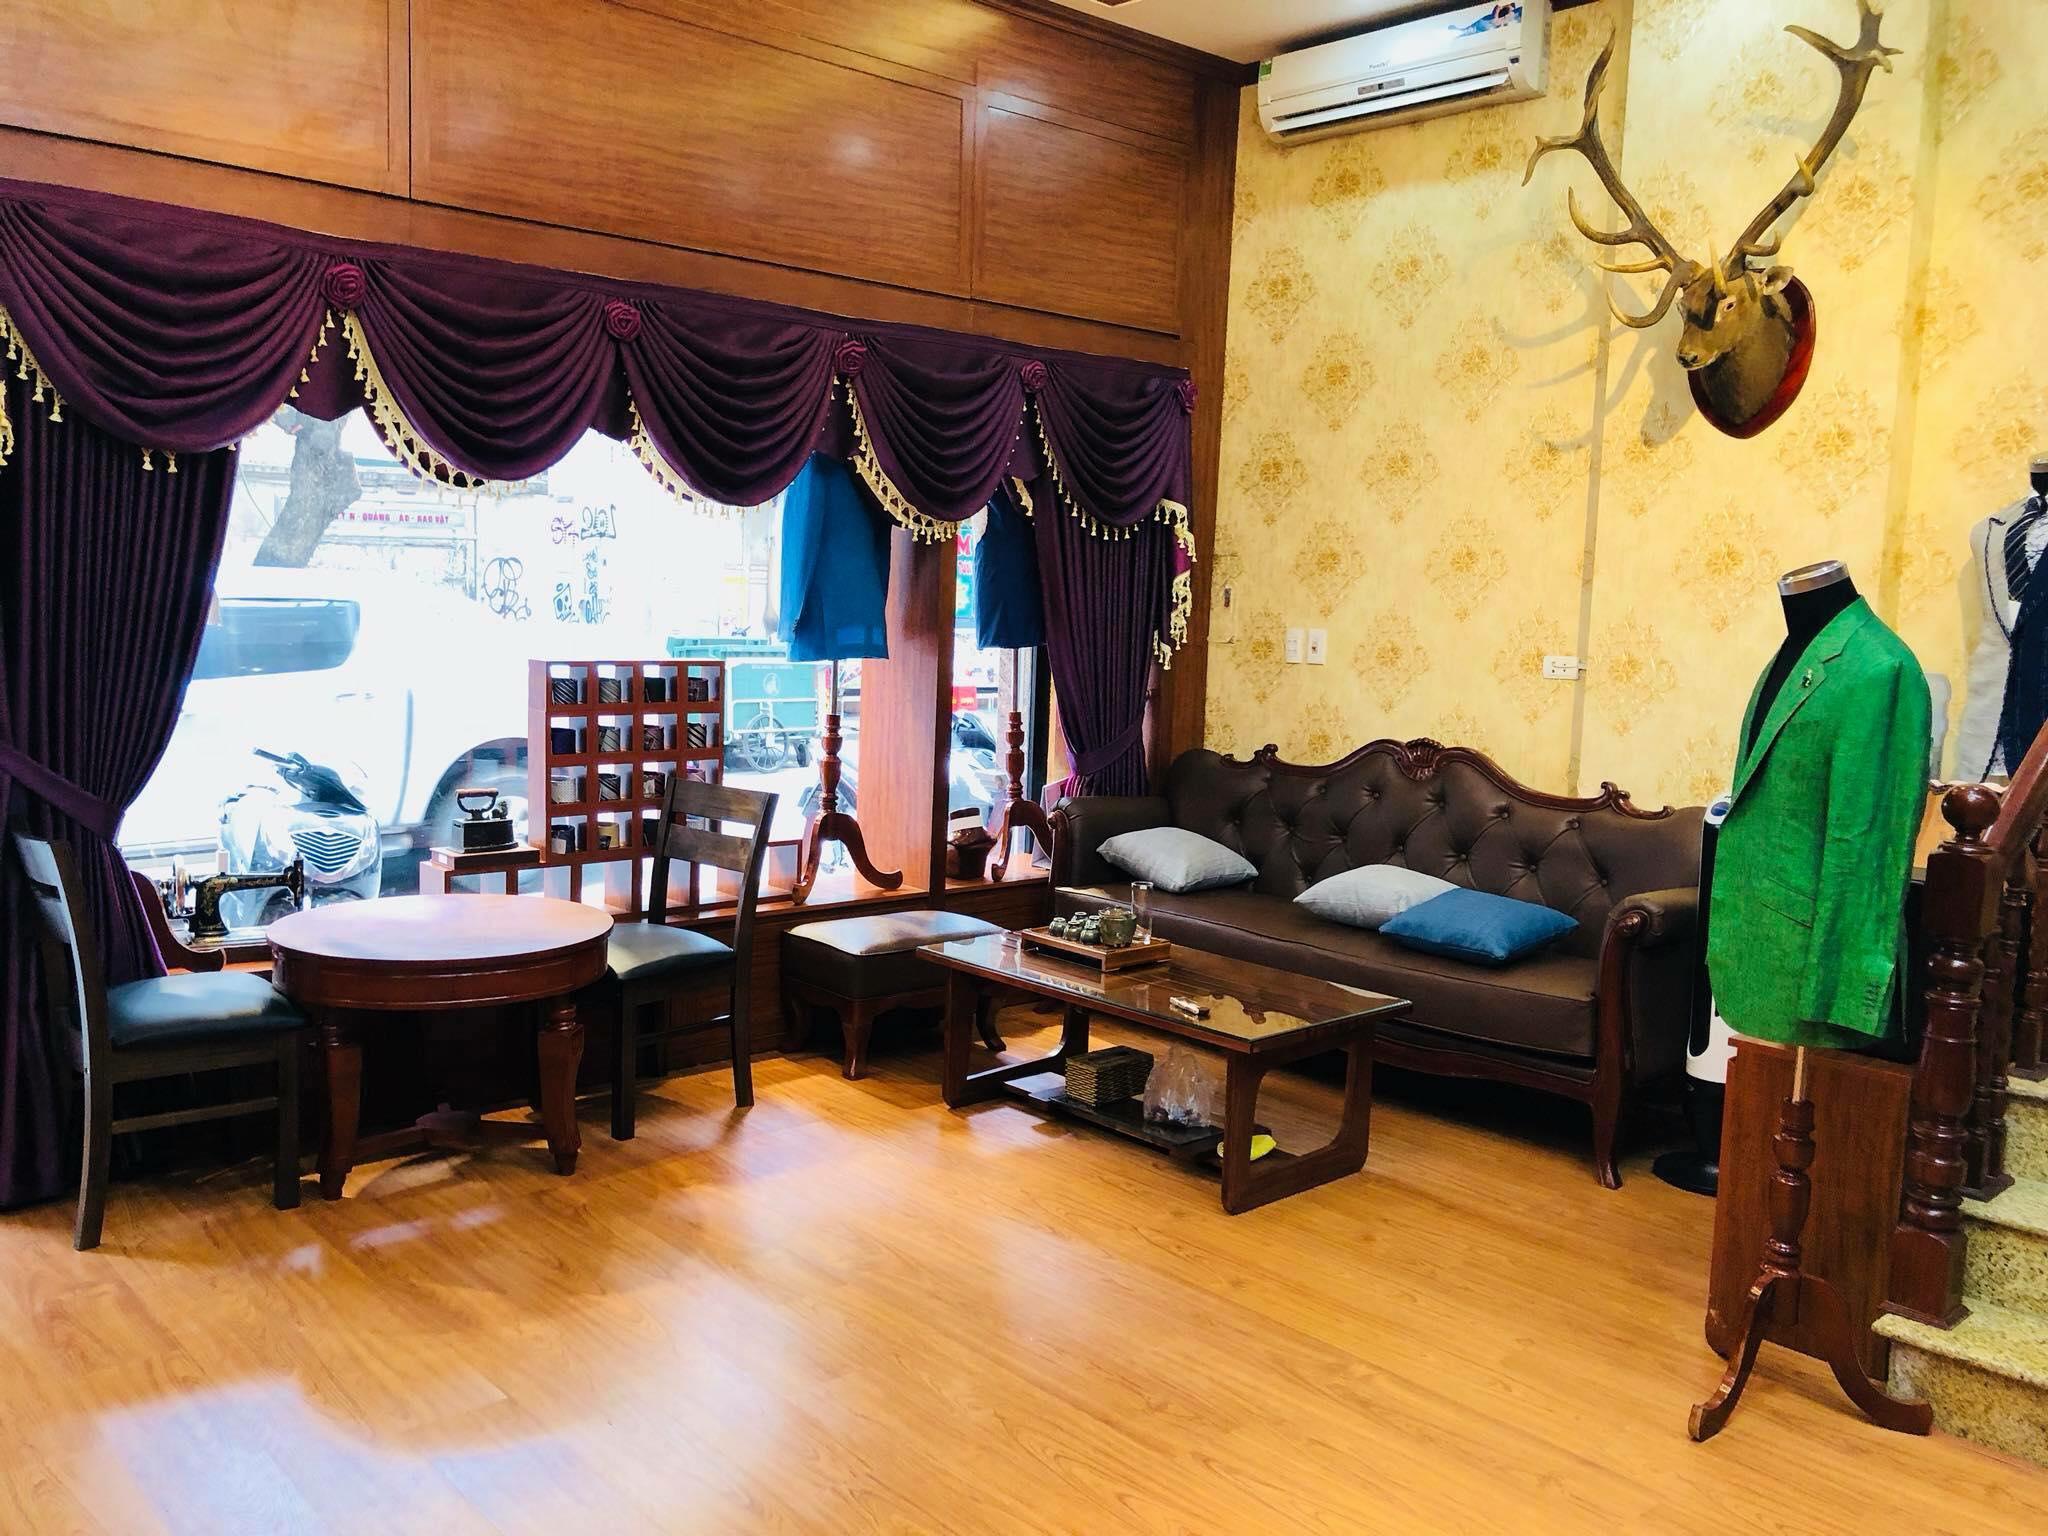 Thiet ke thi cong noi that chuoi nha may Ngo Minh Tailor 143 Hang Bong 5